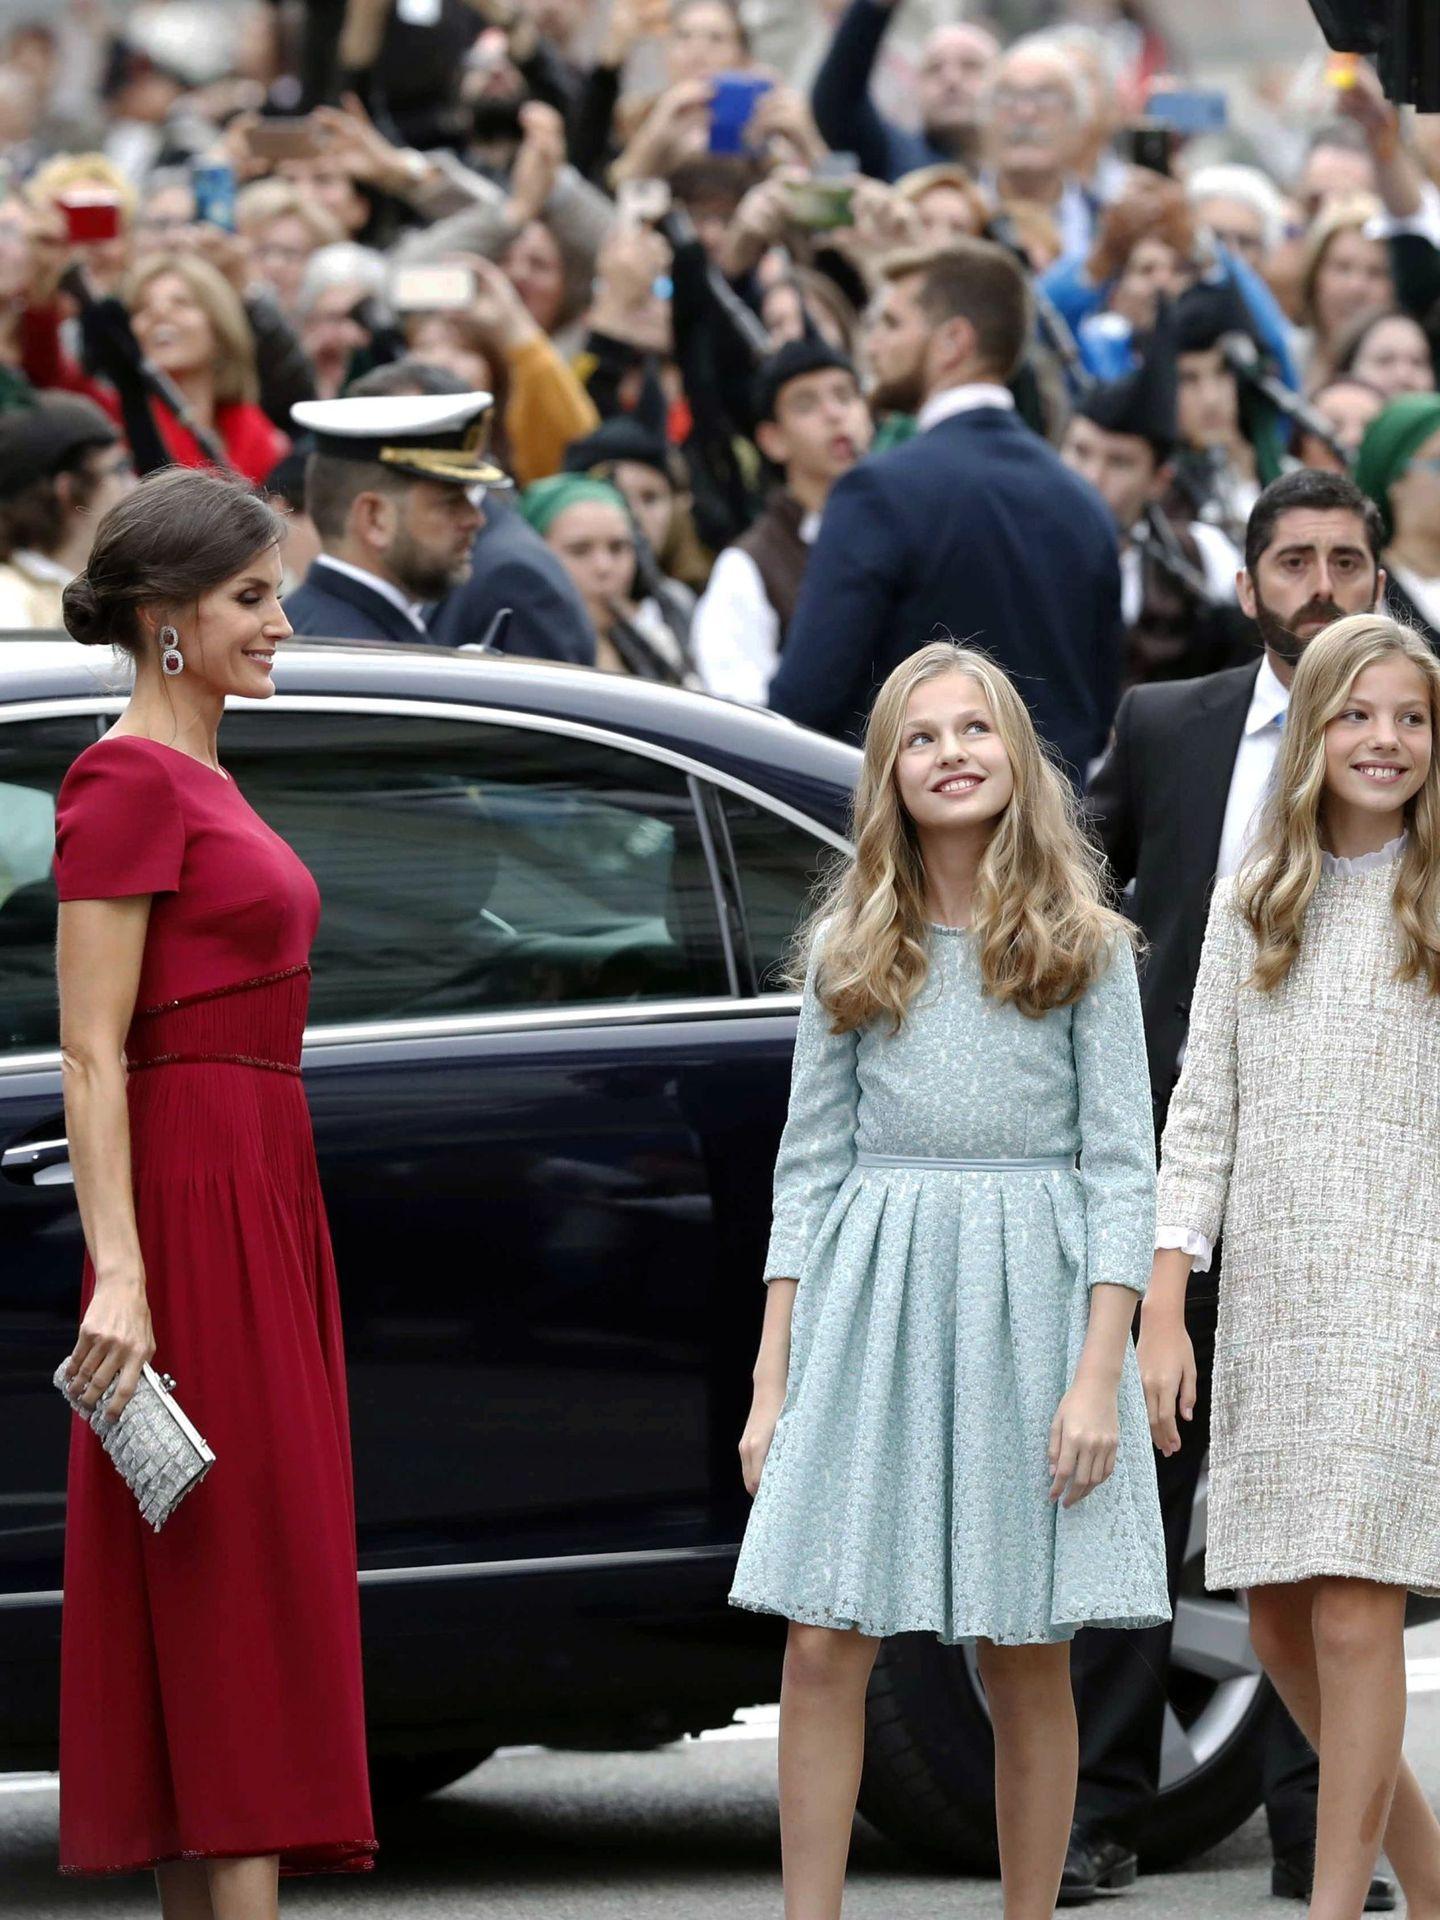 La reina Letizia, junto a sus hijas, la princesa Leonor y la infanta Sofía, a su llegada a la ceremonia de entrega de los Premios Princesa de Asturias de 2019. (EFE)